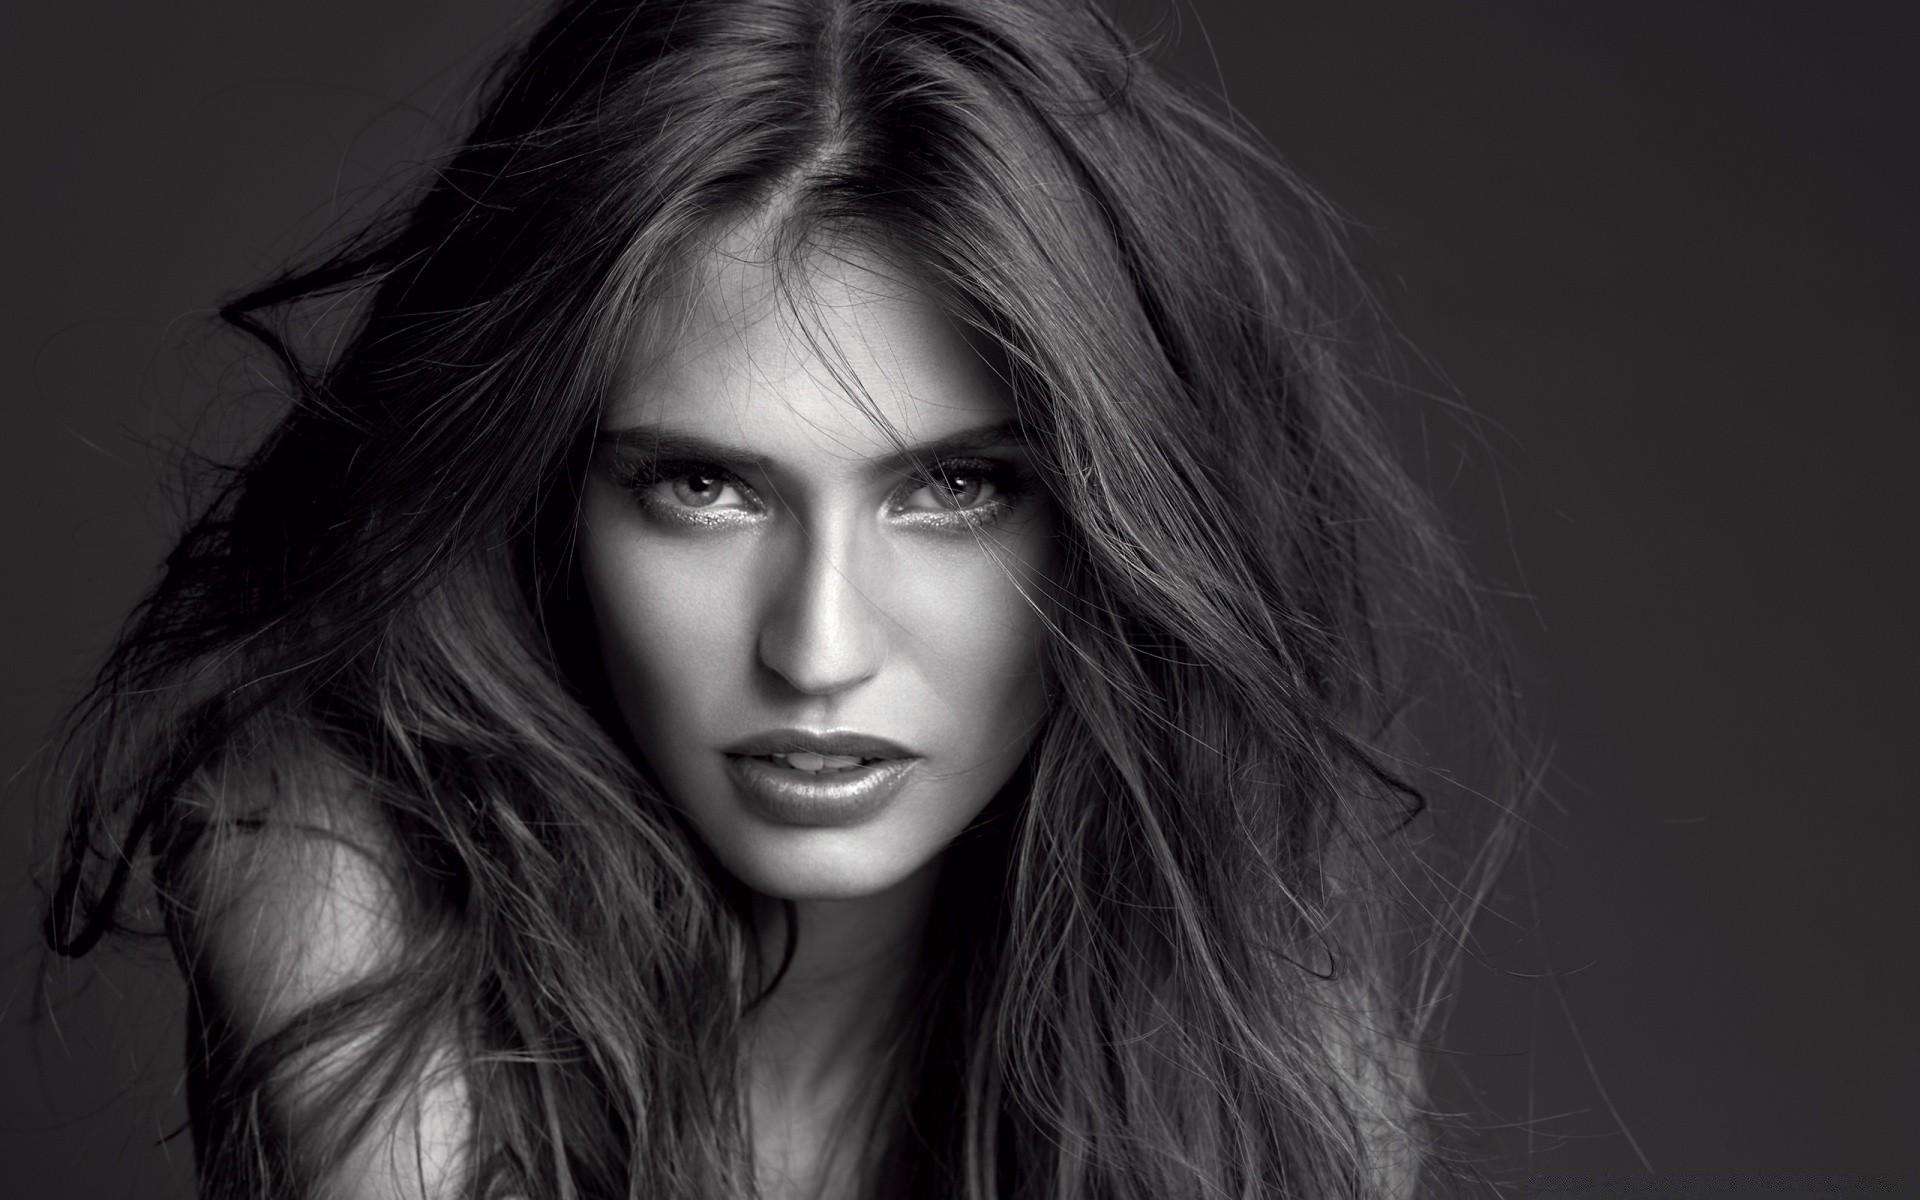 Посм бесп красивые фото моделей #12